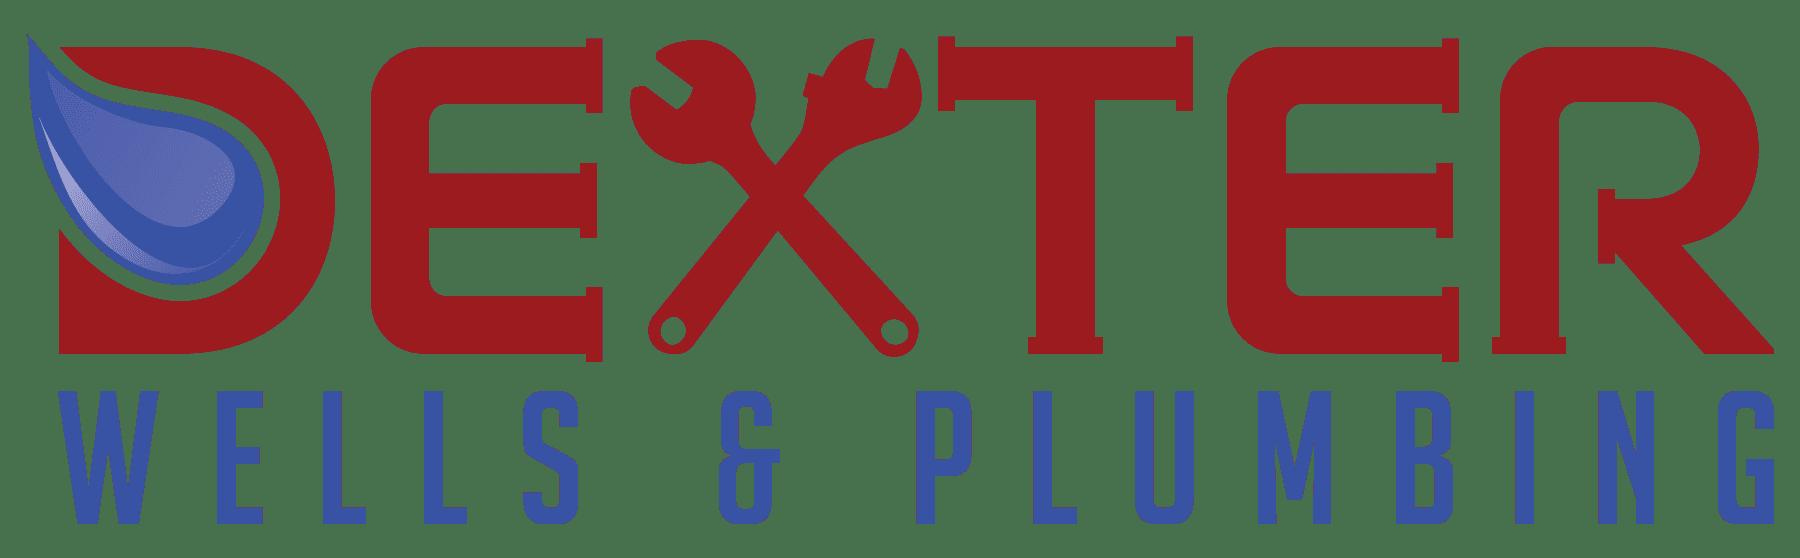 Dexter Wells & Plumbing, LLC